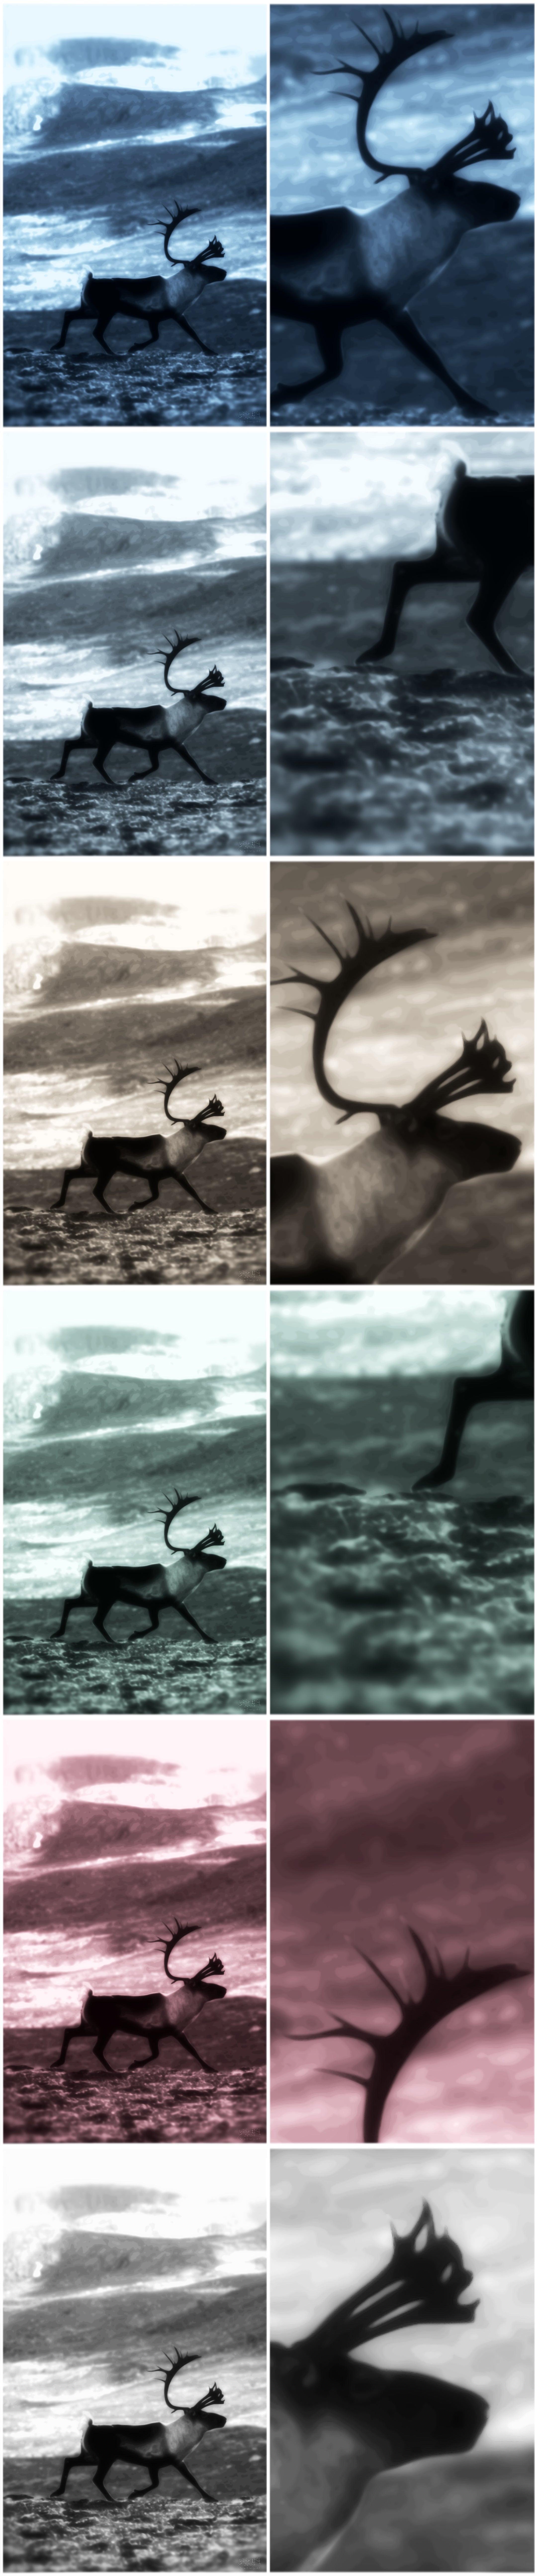 reindeer at hardangervidda v5 COLLECTION